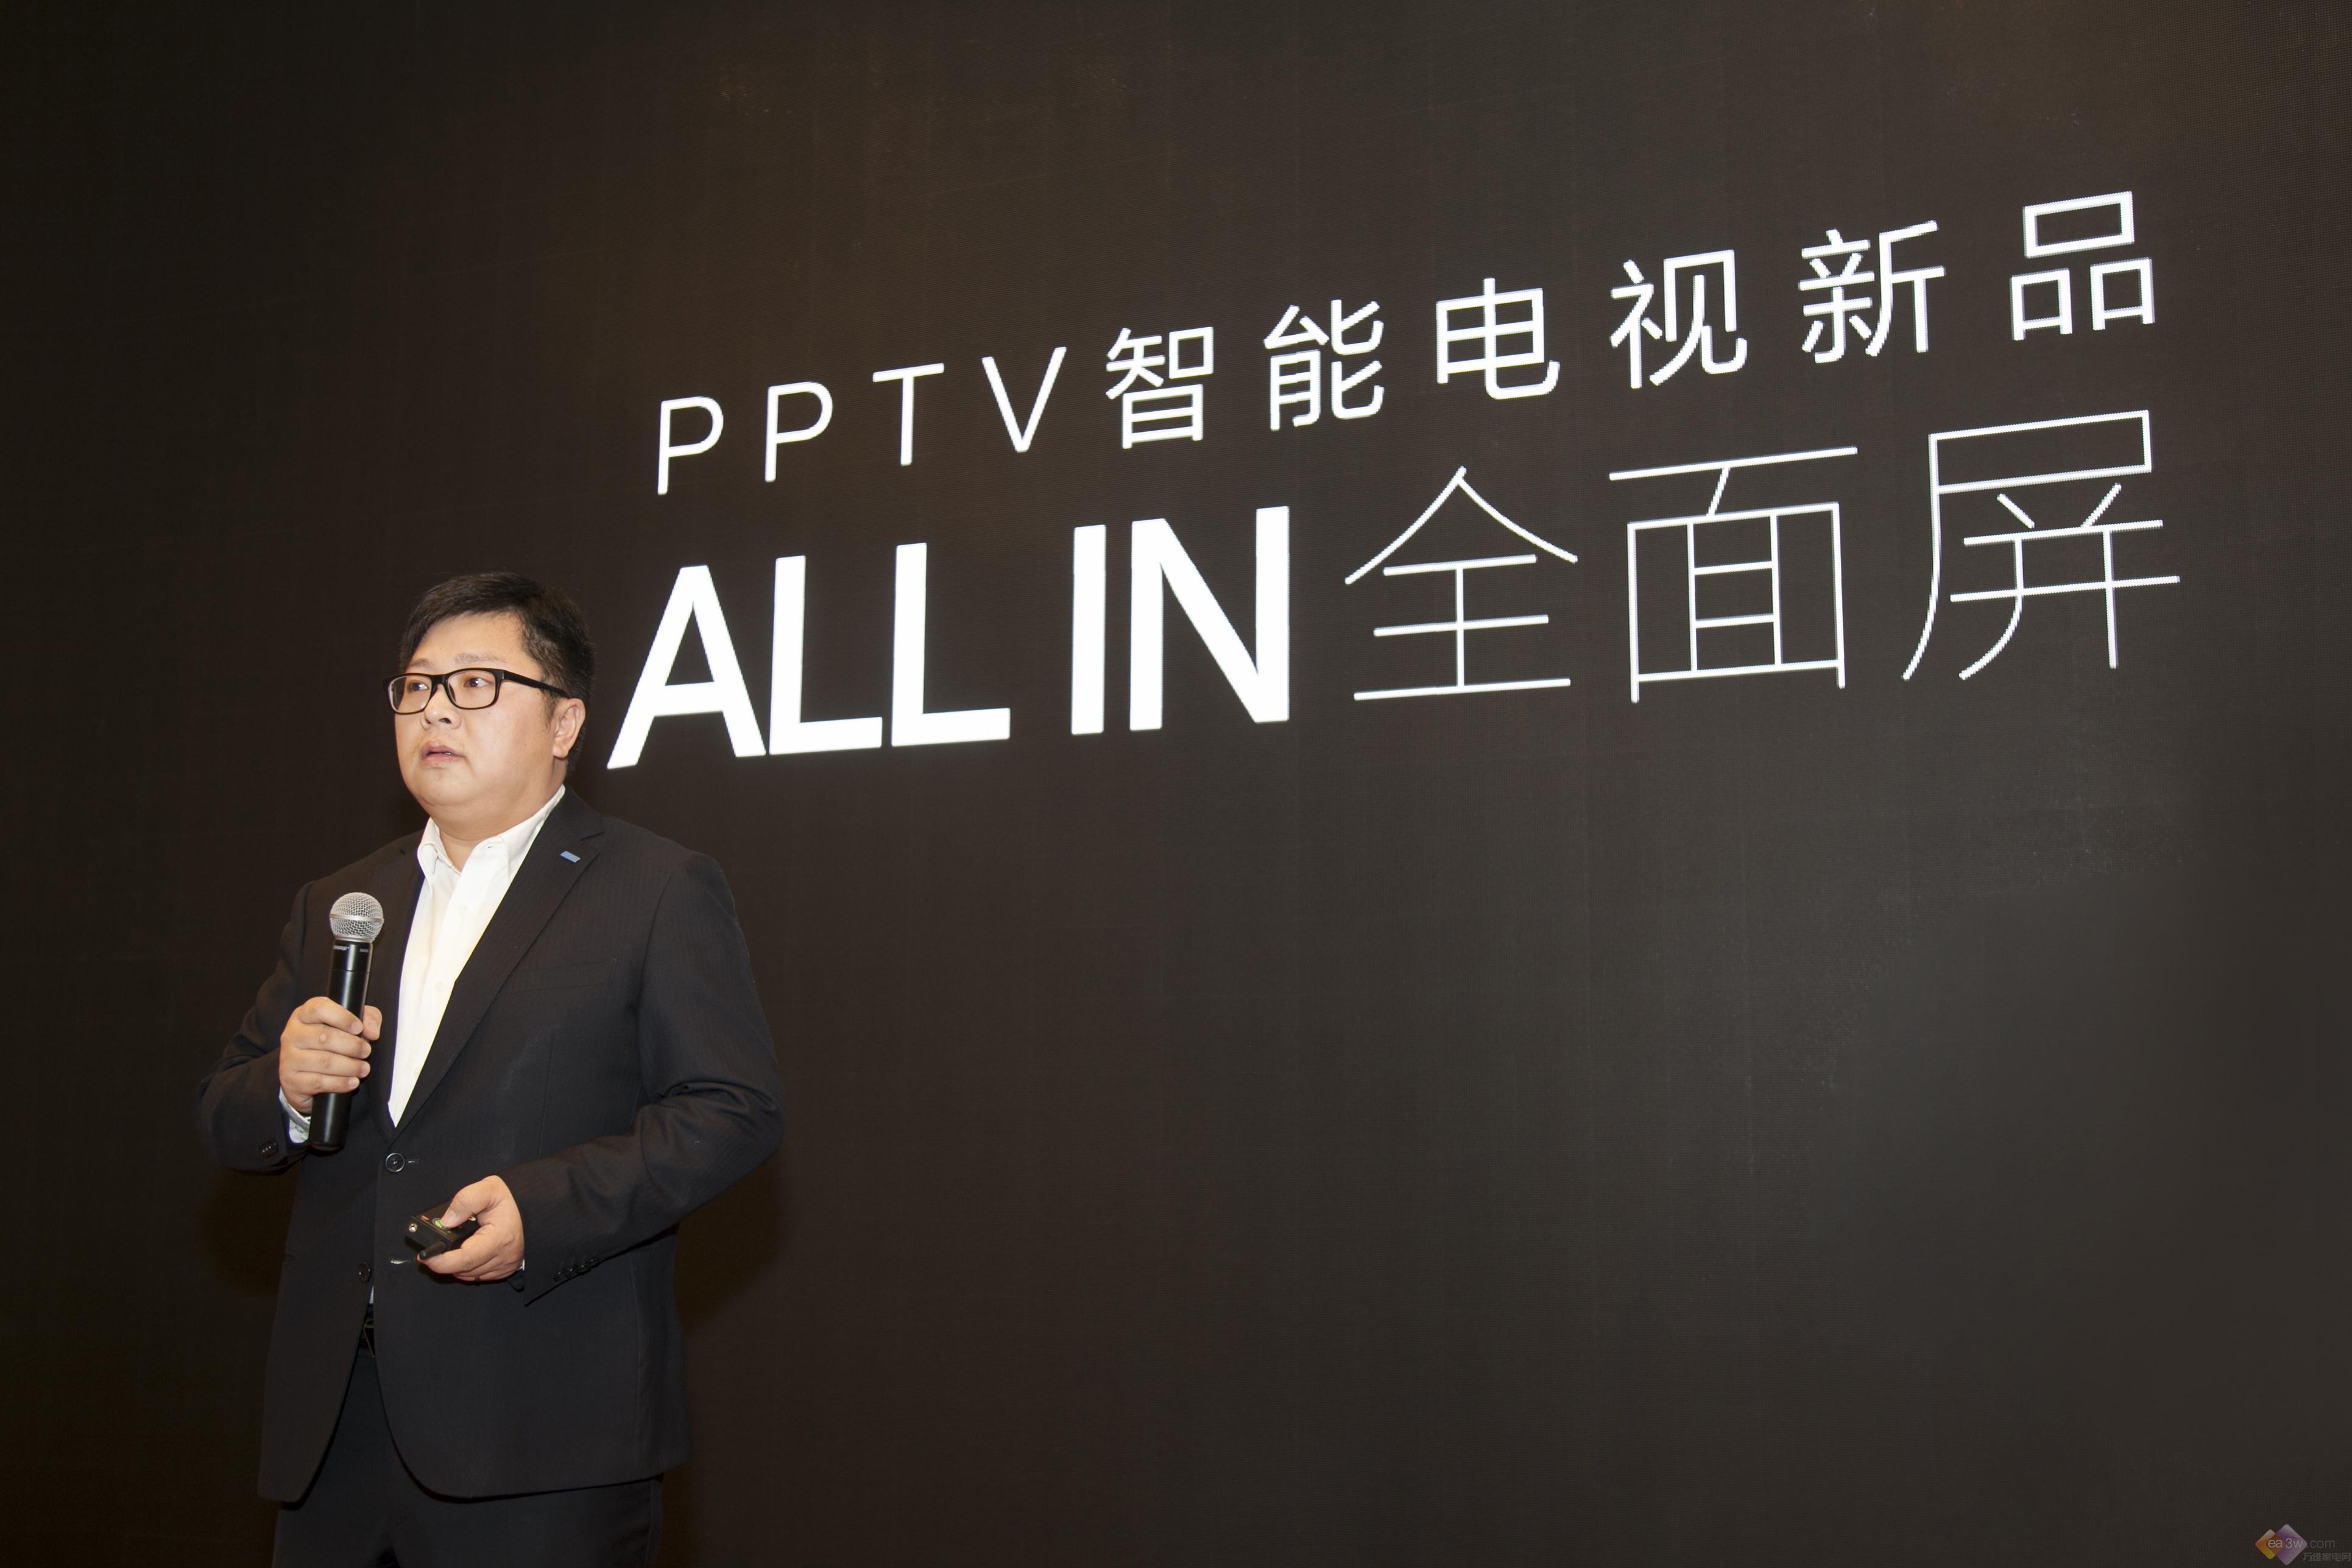 2019 All In 全面屏!PPTV连发五大系列全面屏电视